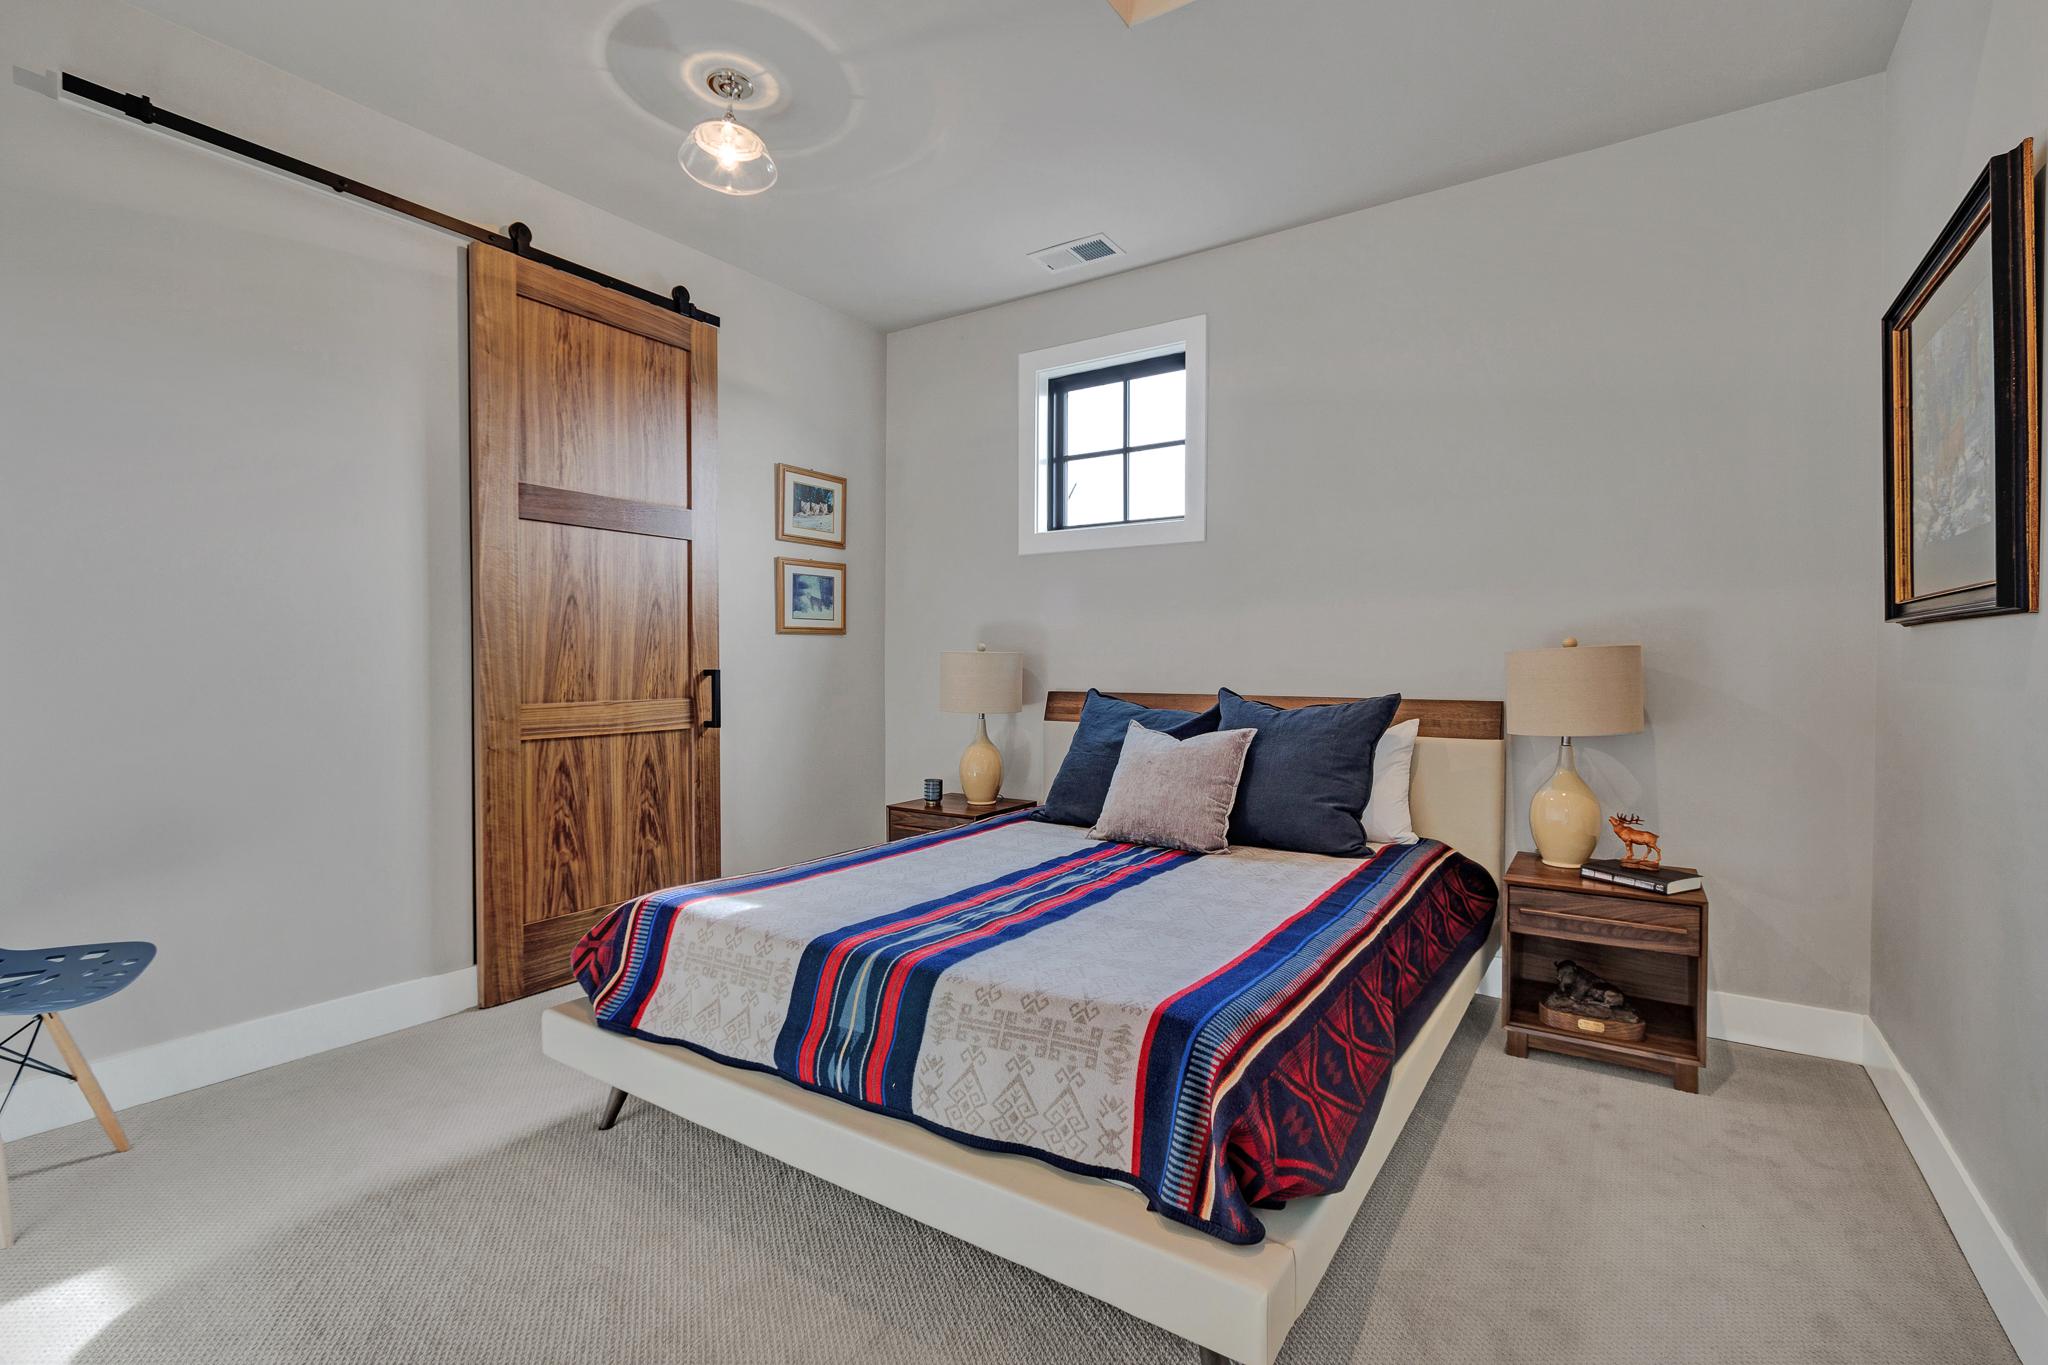 cv 9 montana room